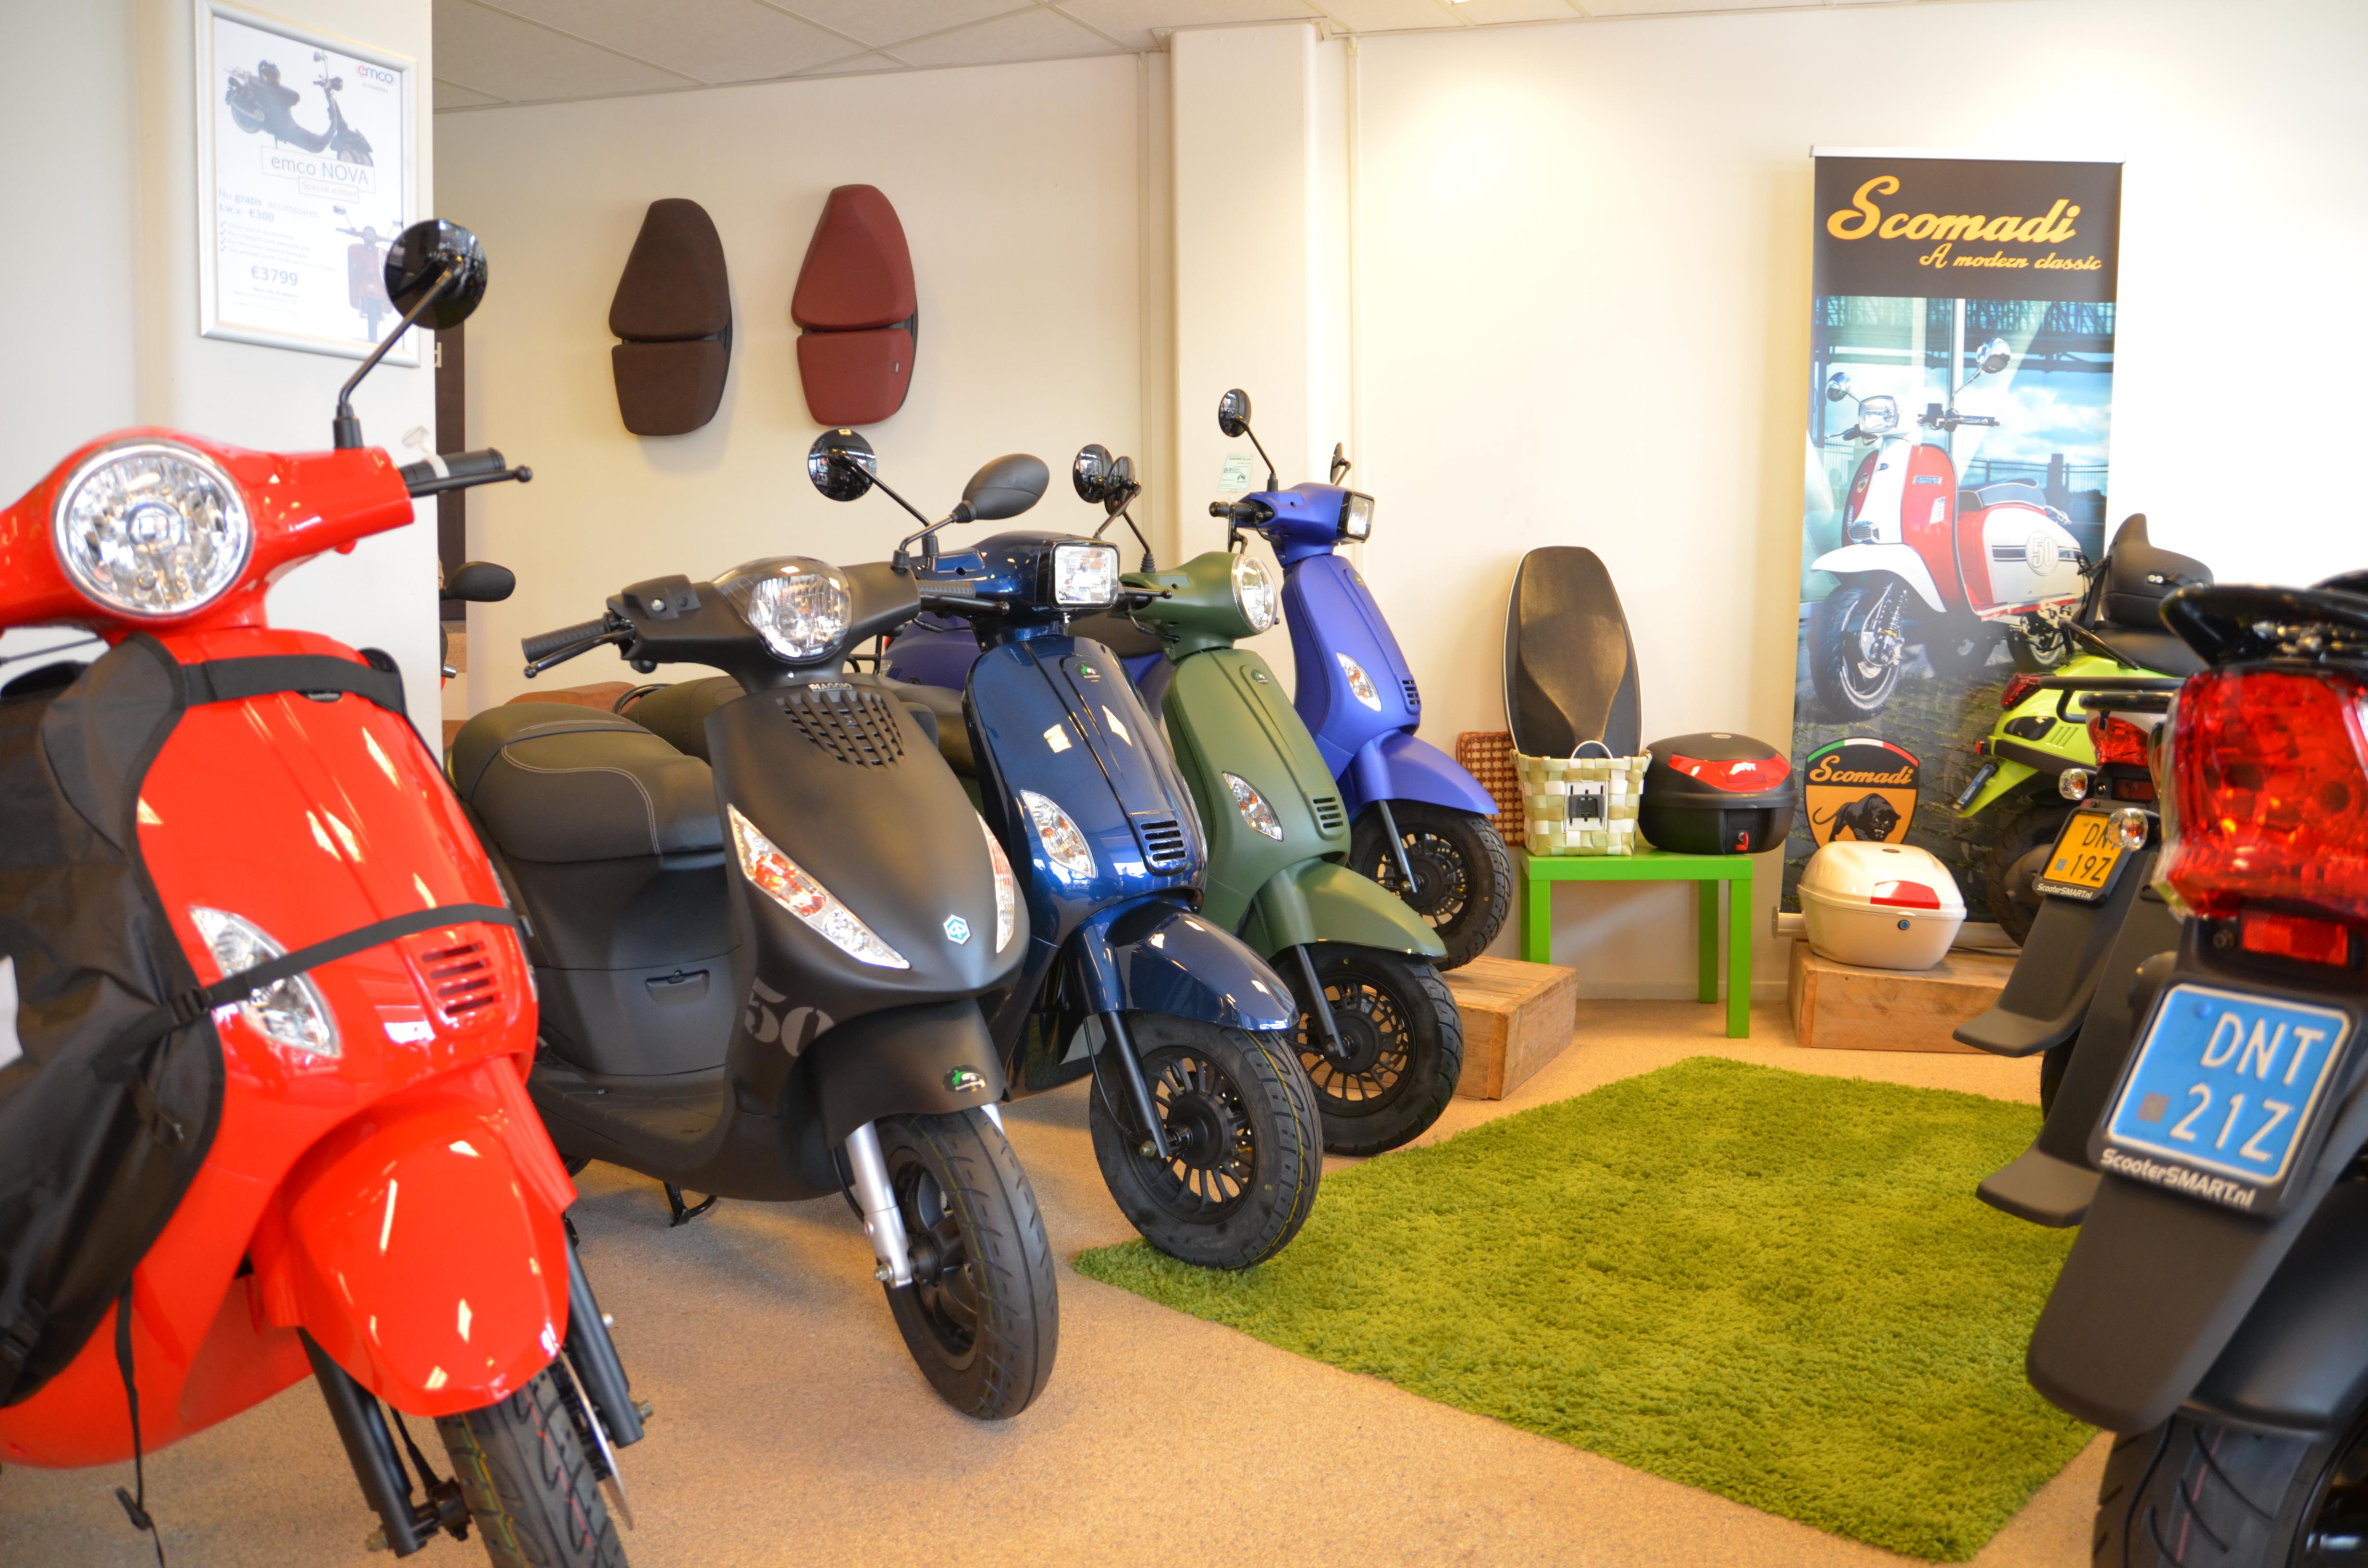 Voor mij is Almere-Haven een prima plek: een derde van mijn klanten komt hiervandaan, de rest komt elders uit Almere. De bereidheid om een kilometer of tien naar mijn winkel af te leggen is groot